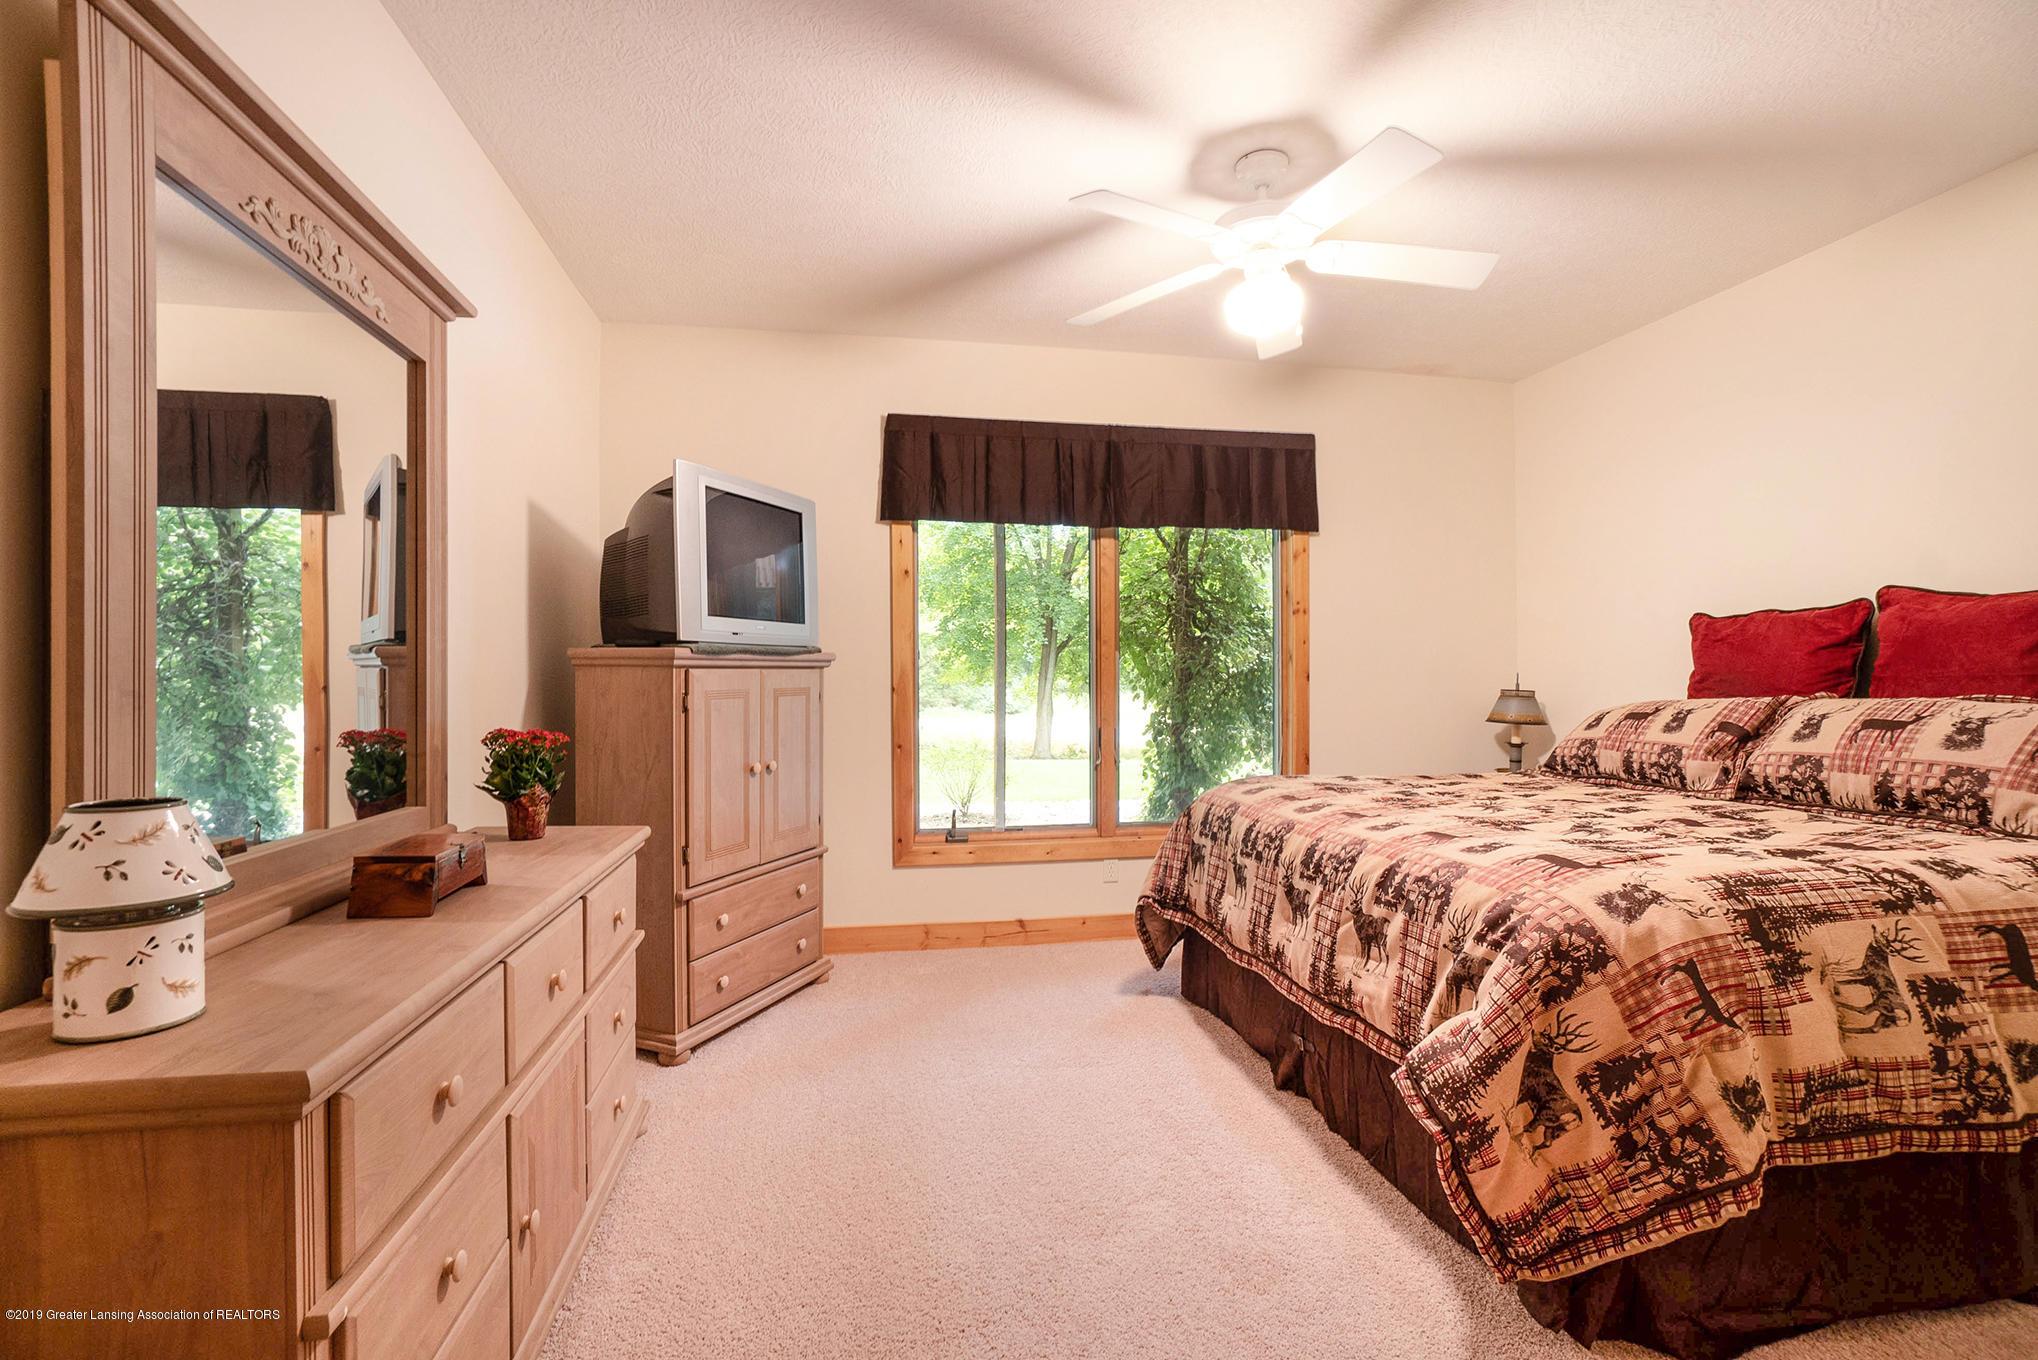 8502 Doyle Rd - Basement Bedroom - 43